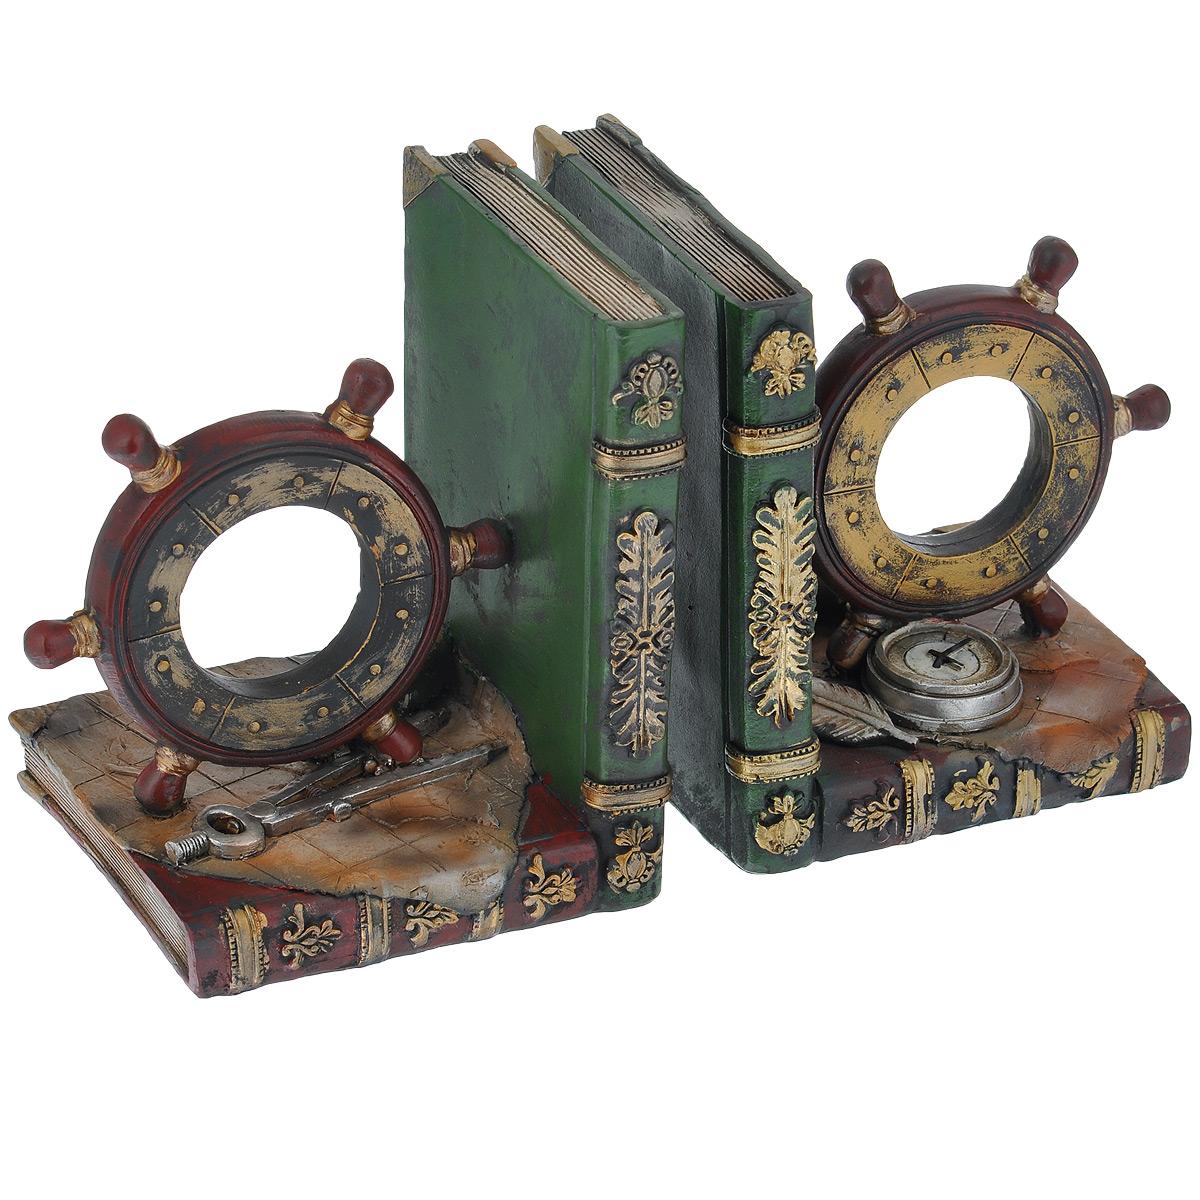 Декоративная подставка-ограничитель для книг Феникс-презент Штурвал, 2 шт54 009318Подставка-ограничитель для книг Штурвал, изготовленная из полирезины, состоит из двух частей, с помощью которых можно подпирать книги с двух сторон. Изделия выполнены в виде штурвалов с книгами. Между ограничителями можно поместить неограниченное количество книг. Подставка-ограничитель для книг Штурвал - это не только подставка для книг, но и интересный элемент декора, который ярко дополнит интерьер помещения. Размер одной части подставки-ограничителя: 13 см х 11 см х 15,5 см.Комплектация: 2 шт.